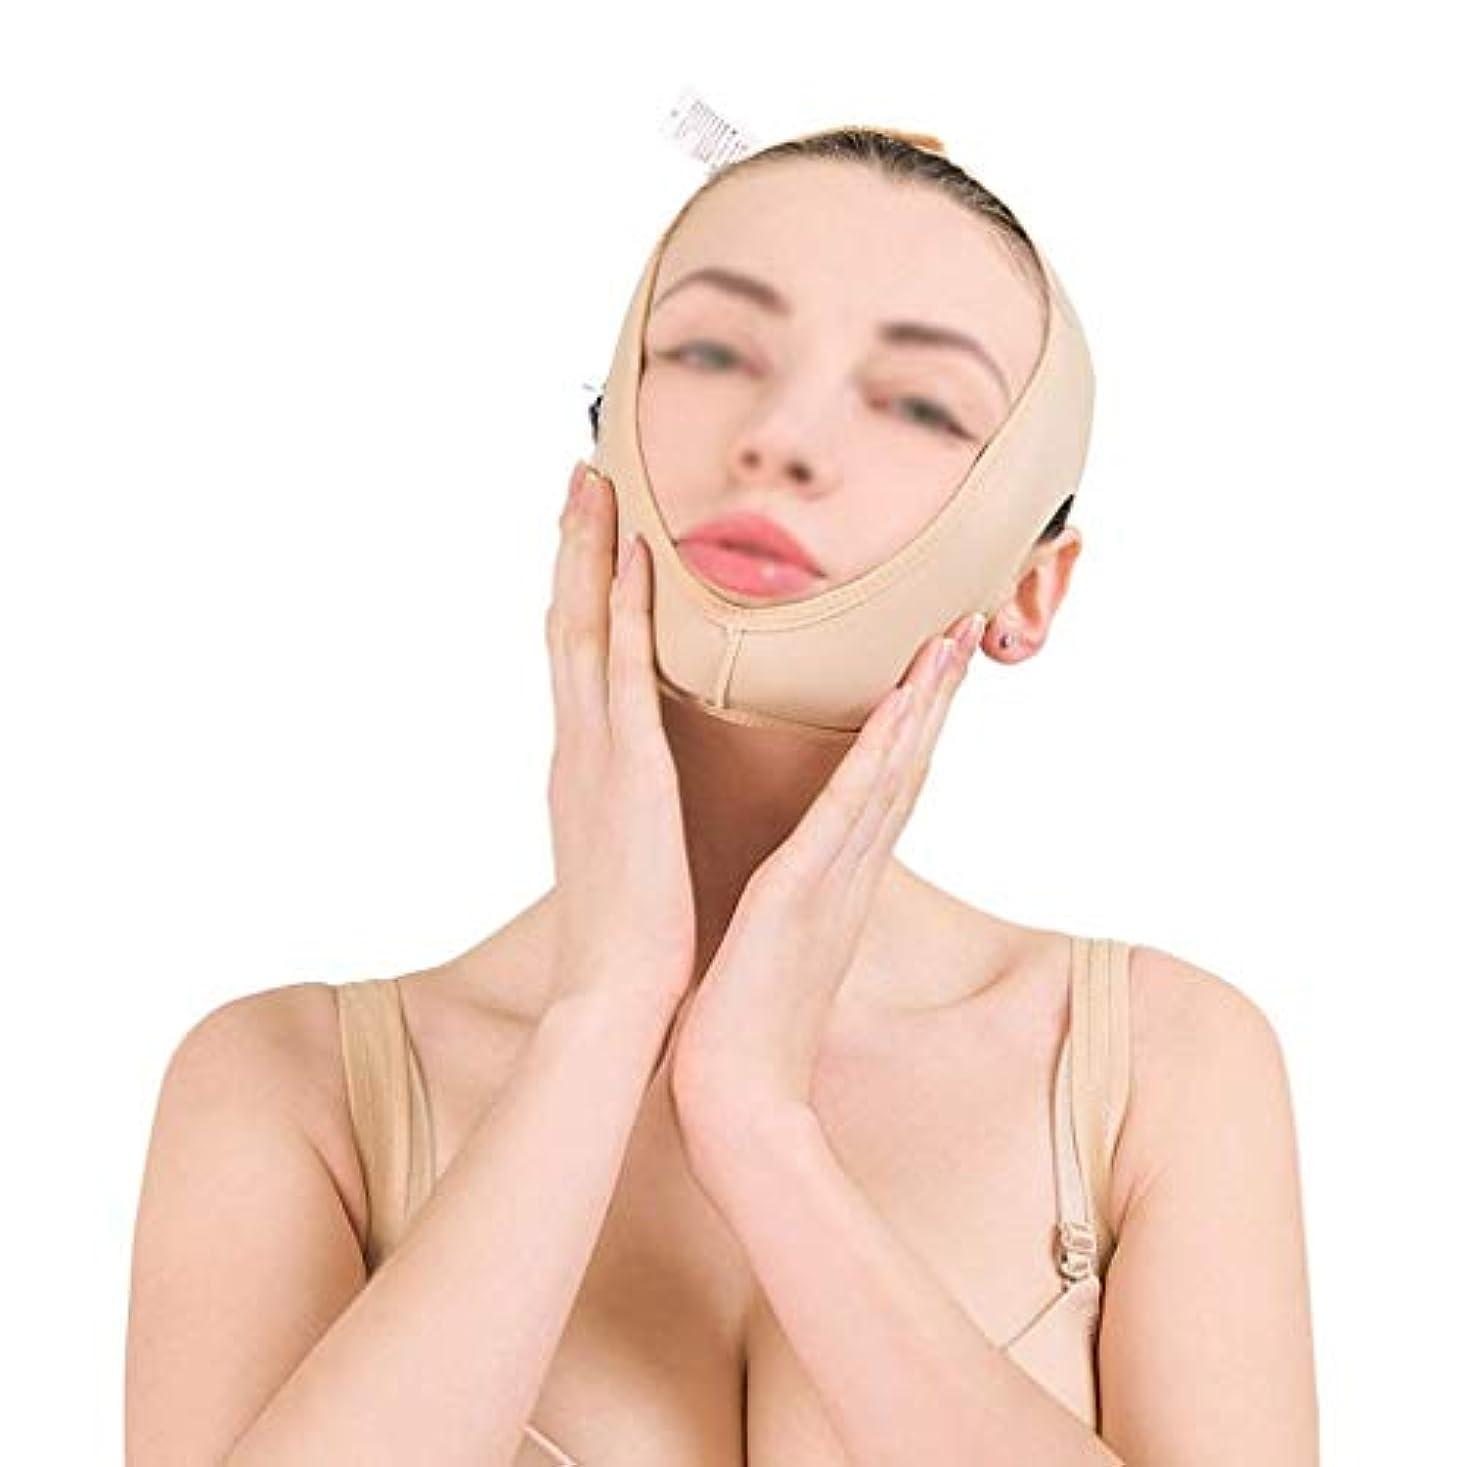 コモランマ反逆者ロシアマスク減量、肌の包帯を引き締めるリフティングフェイスバンド、フェイスリフティング、ダブルチンビューティバンデージ、フェイスリフト(サイズ:L),M